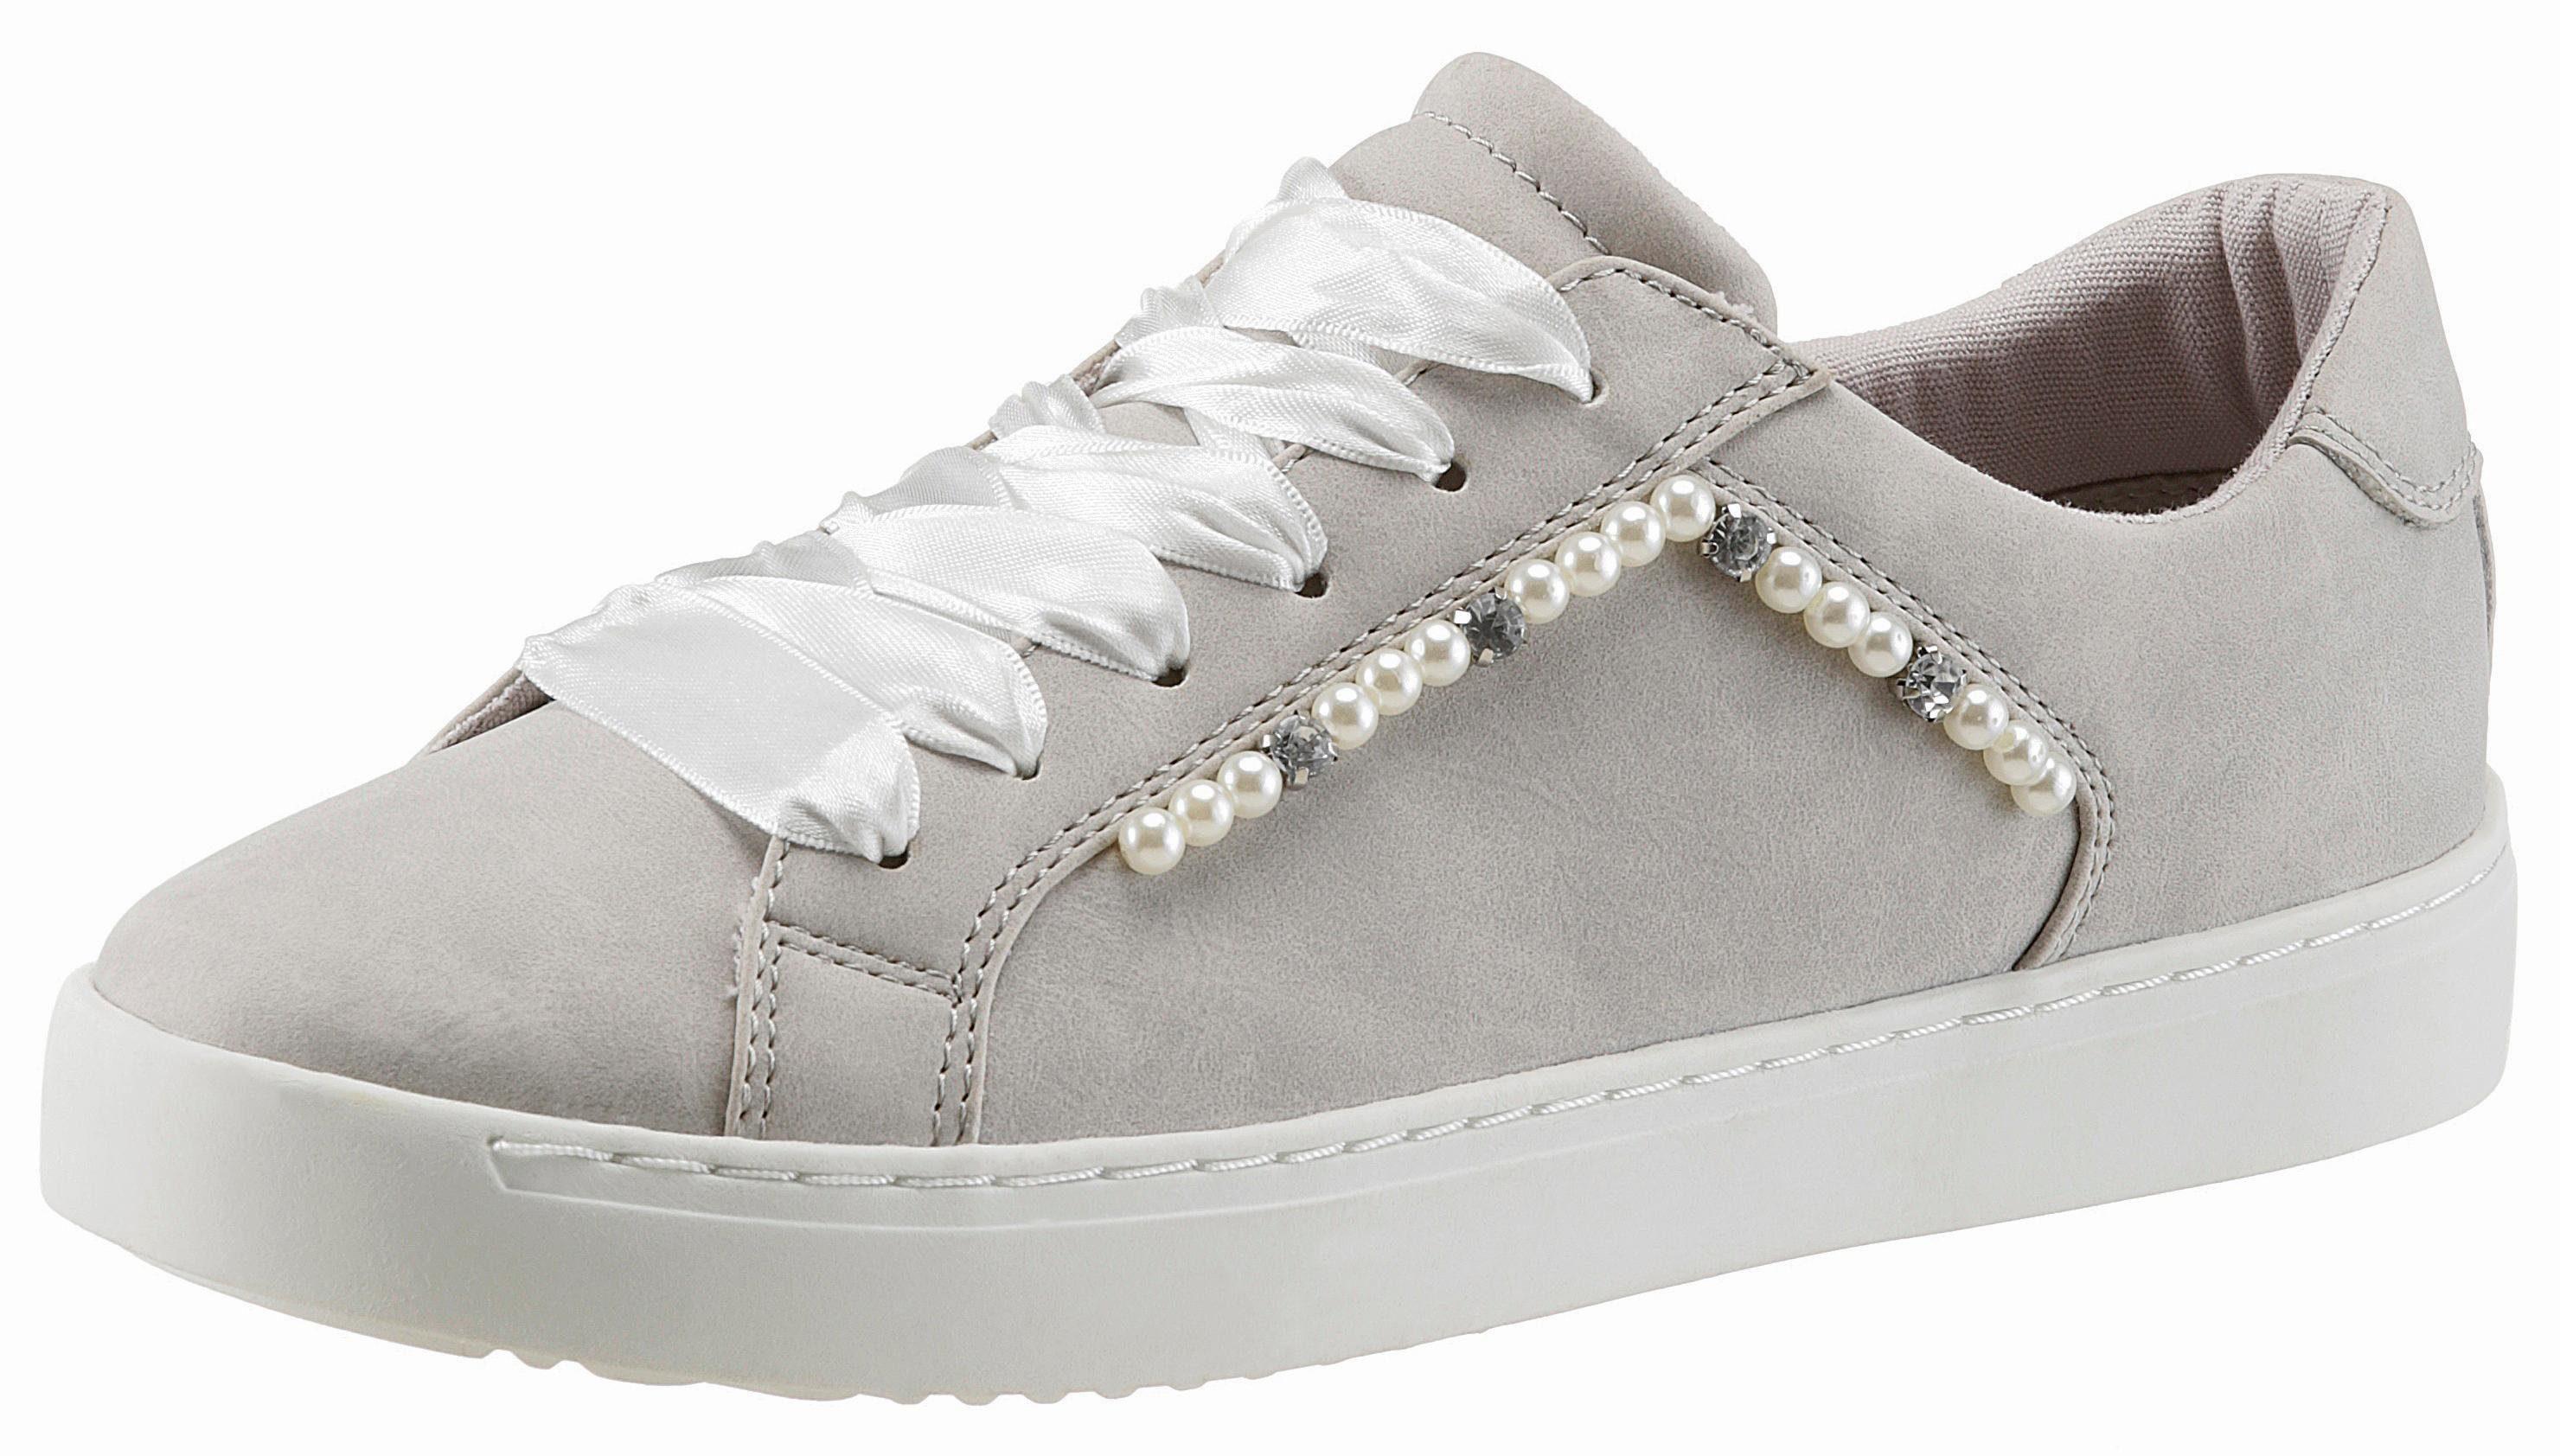 Schmuckperlen Mit KaufenOtto Sneaker Online Arizona jLARq435